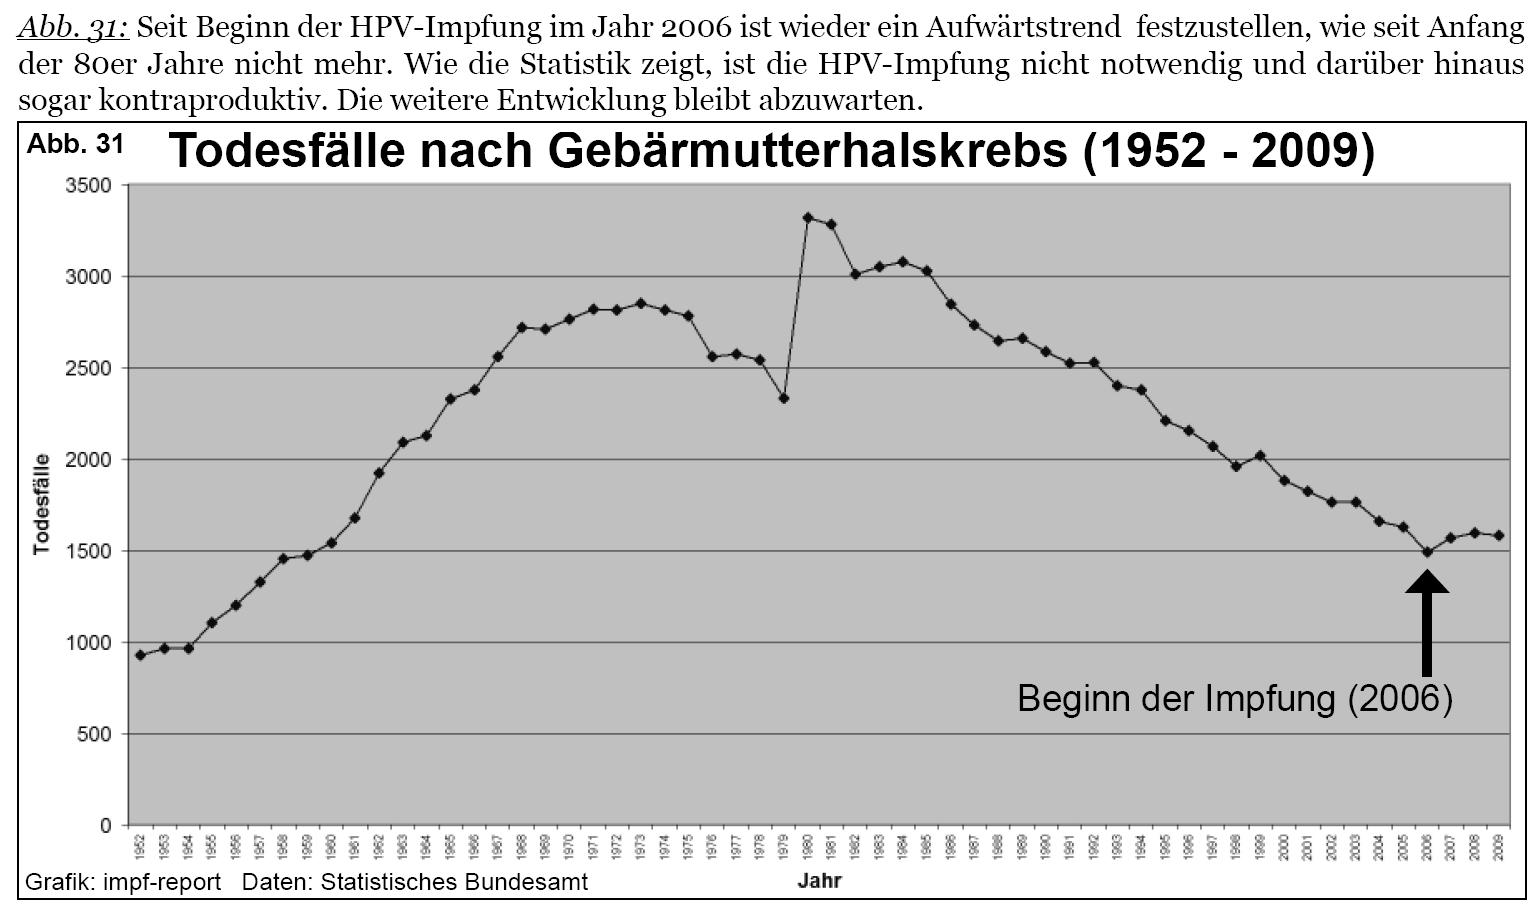 hpv impfung nebenwirkungen cum să ți gâdilă copilul după vară